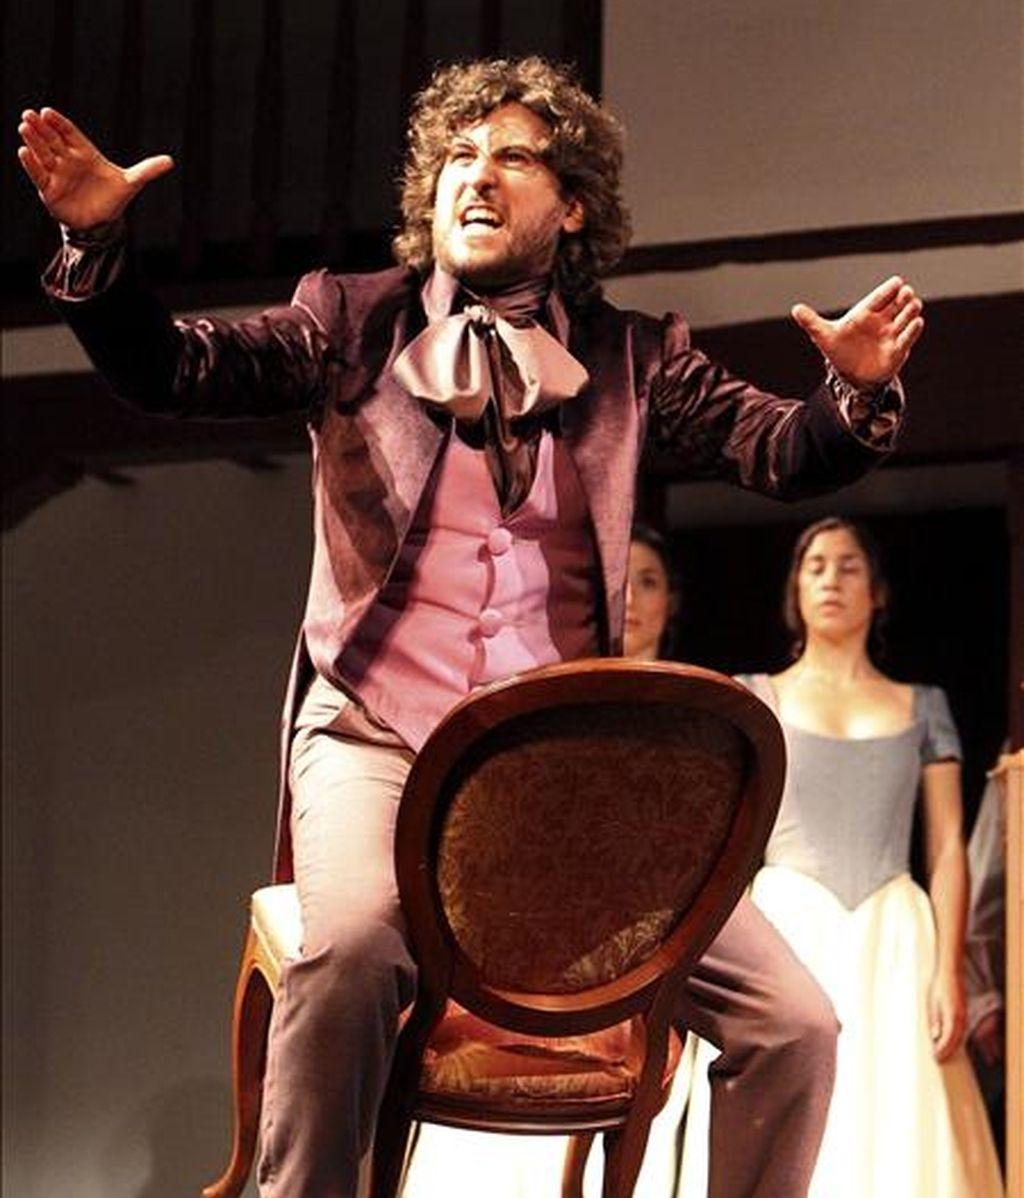 """El actor Francesco Carril, que interpreta a Don Juan, durante el pase gráfico de """"La moza de cántaro"""", una pieza teatral de Lope de Vega, en el Corral de Comedias de Almagro, dentro de la programación del Festival de Teatro Clásico de la localidad castellano-manchega. EFE"""